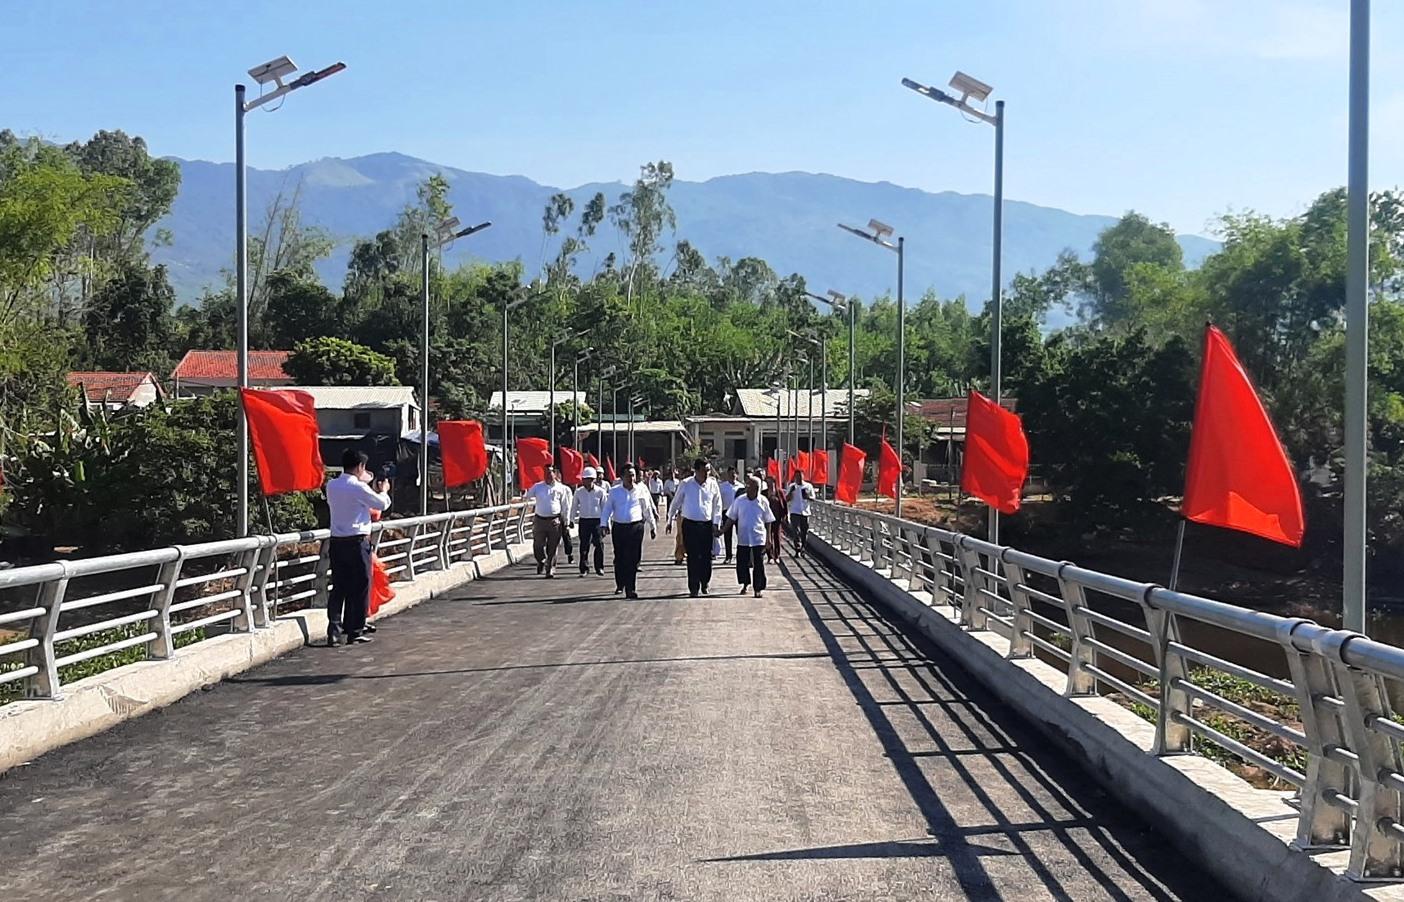 Cầu Bàu Sấu là cầu dân sinh tạo khi đi vào vận hành sẽ tạo điều kiện thuận lợi cho người dân đi lại, sản xuất đối với người dân xã Đại Đồng. Ảnh: N.DUY